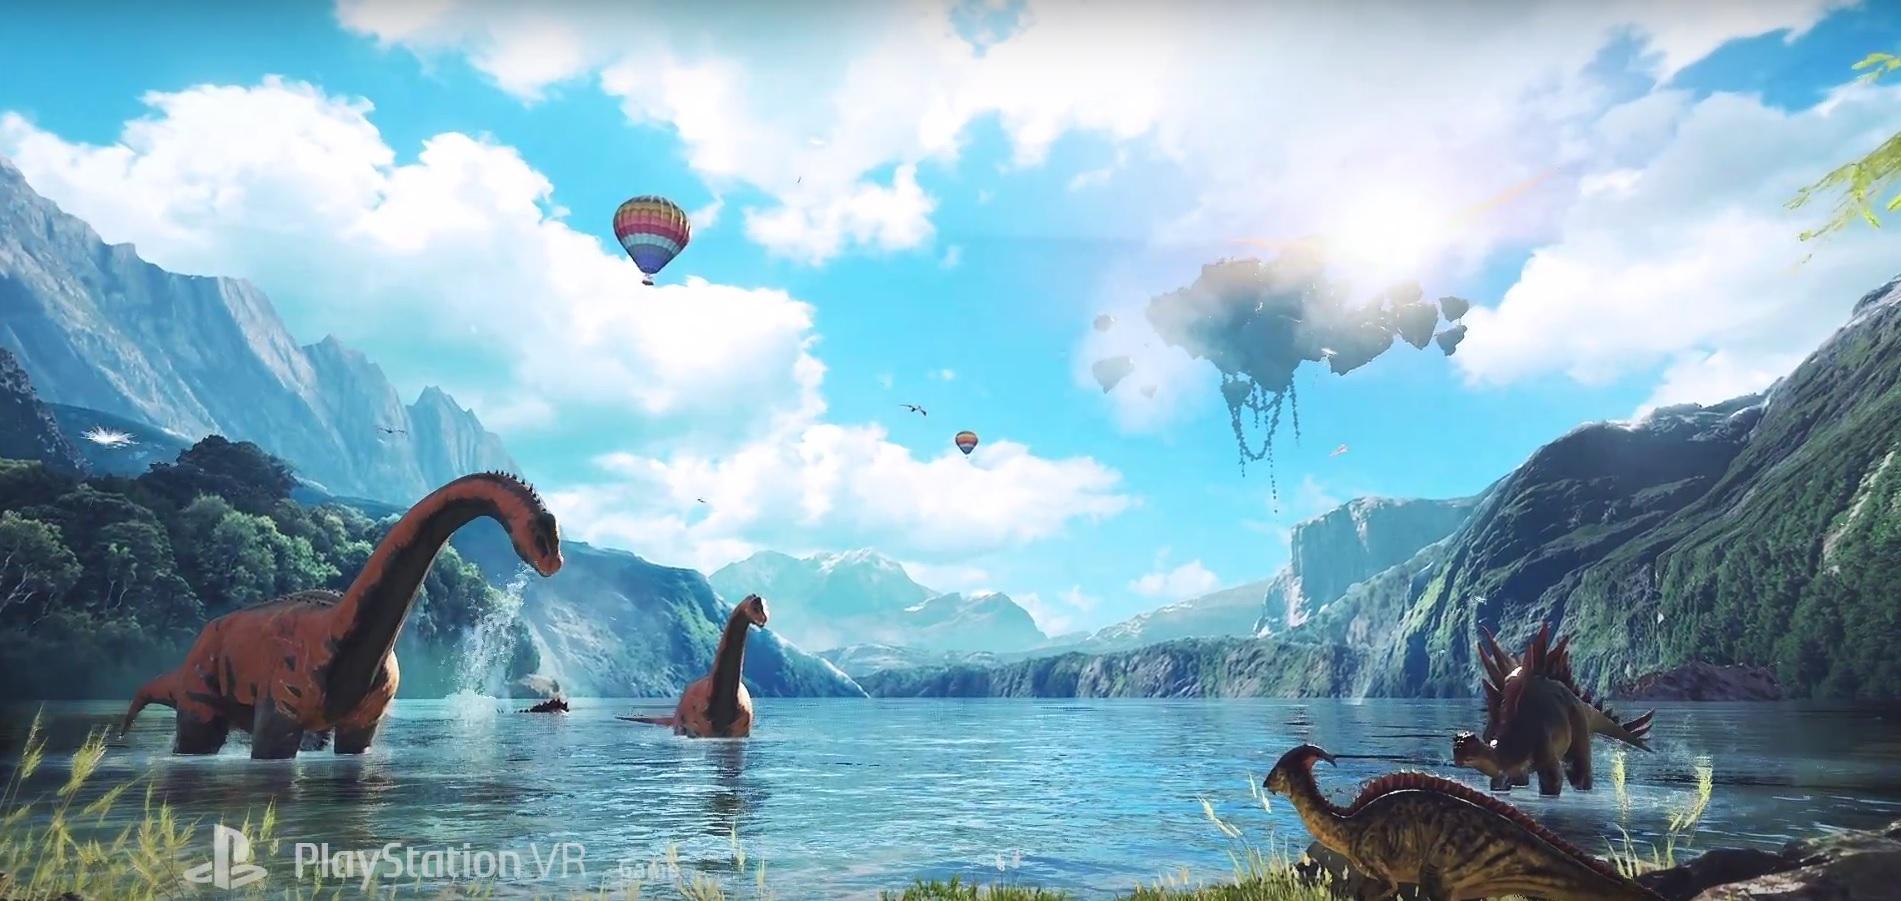 ARK Park: Besessen von VR – Deshalbt entsteht der virtuelle Jurassic Park